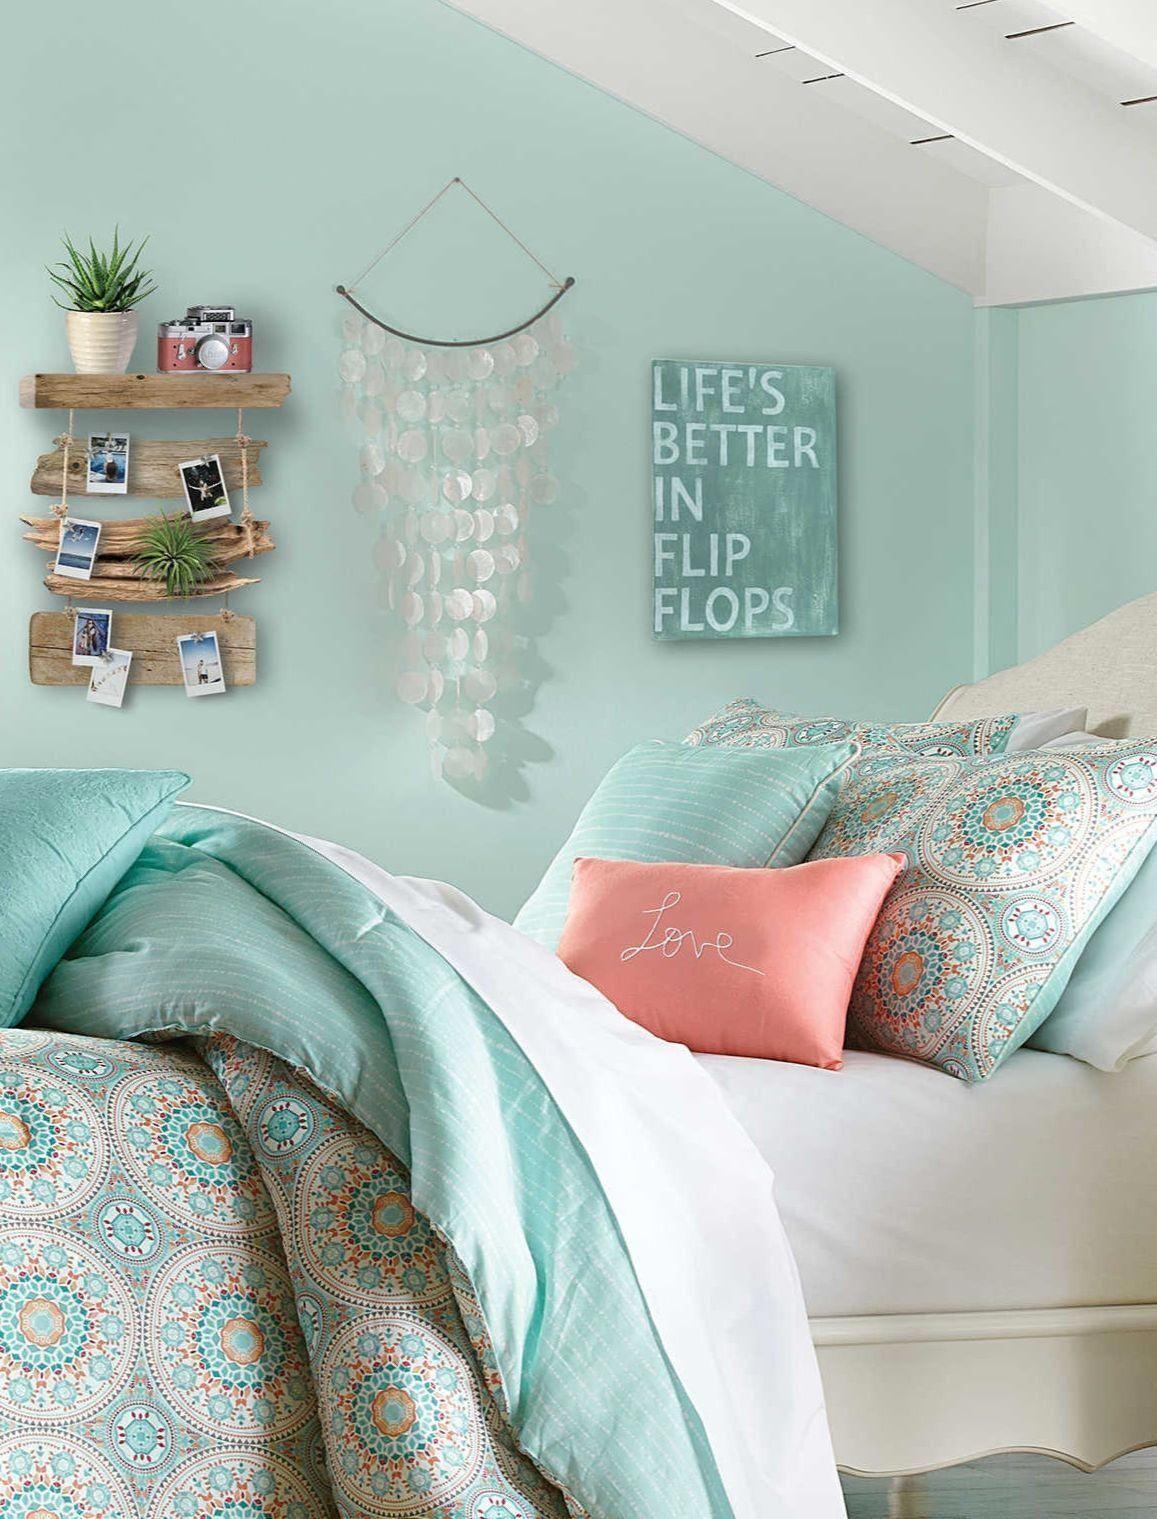 Beach Theme Pastel Bedroom Decor Ideas With Cute Beachy Wall Decor